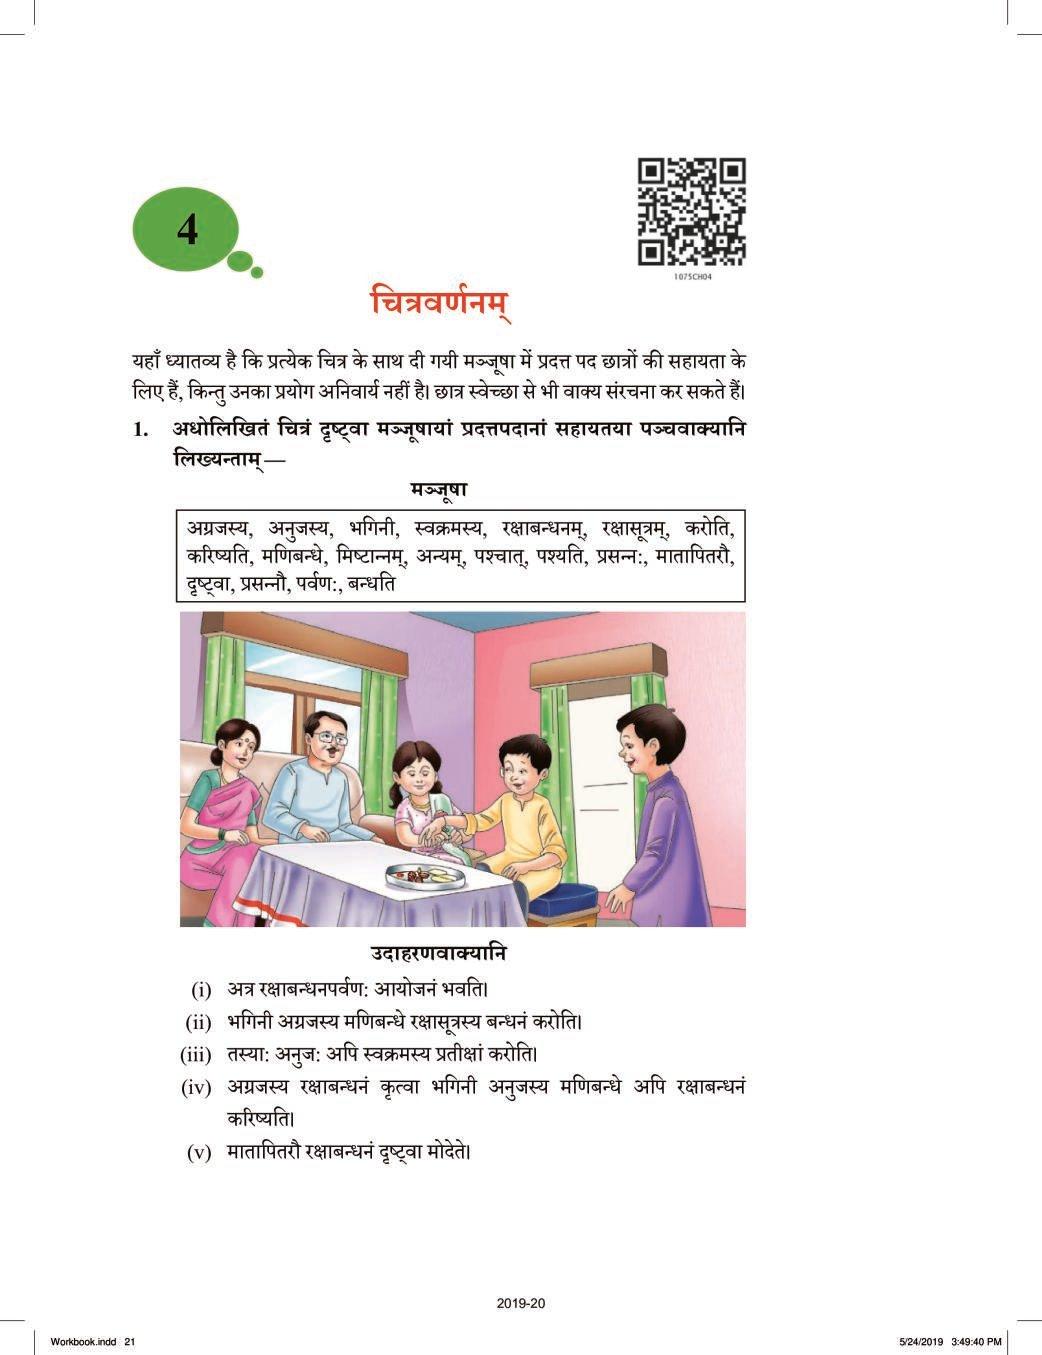 NCERT Book Class 10 Sanskrit (अभ्यासवान् भव) Chapter 4 चित्रवर्णनम - Page 1